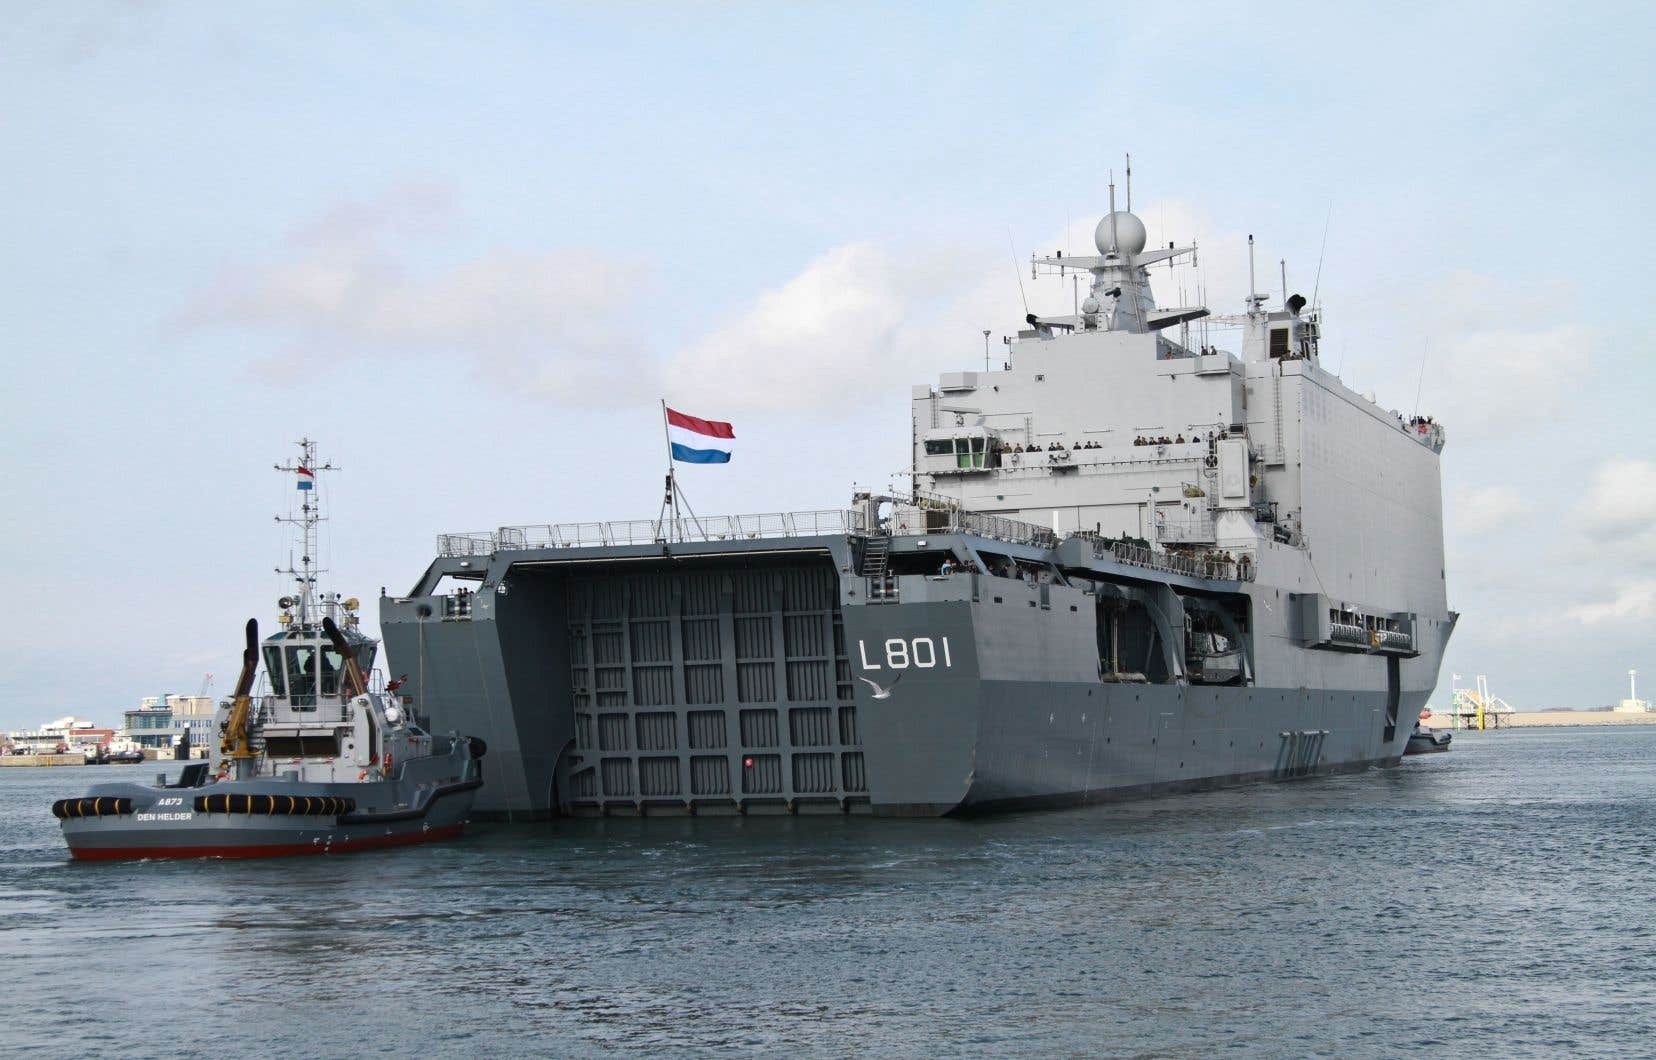 Un navire de la Marine néerlandaise quitte le port de Den Helder, le 17 octobre 2018 aux Pays-Bas, pour rejoindre la Norvège et participer aux manoeuvres militaires de l'OTAN.